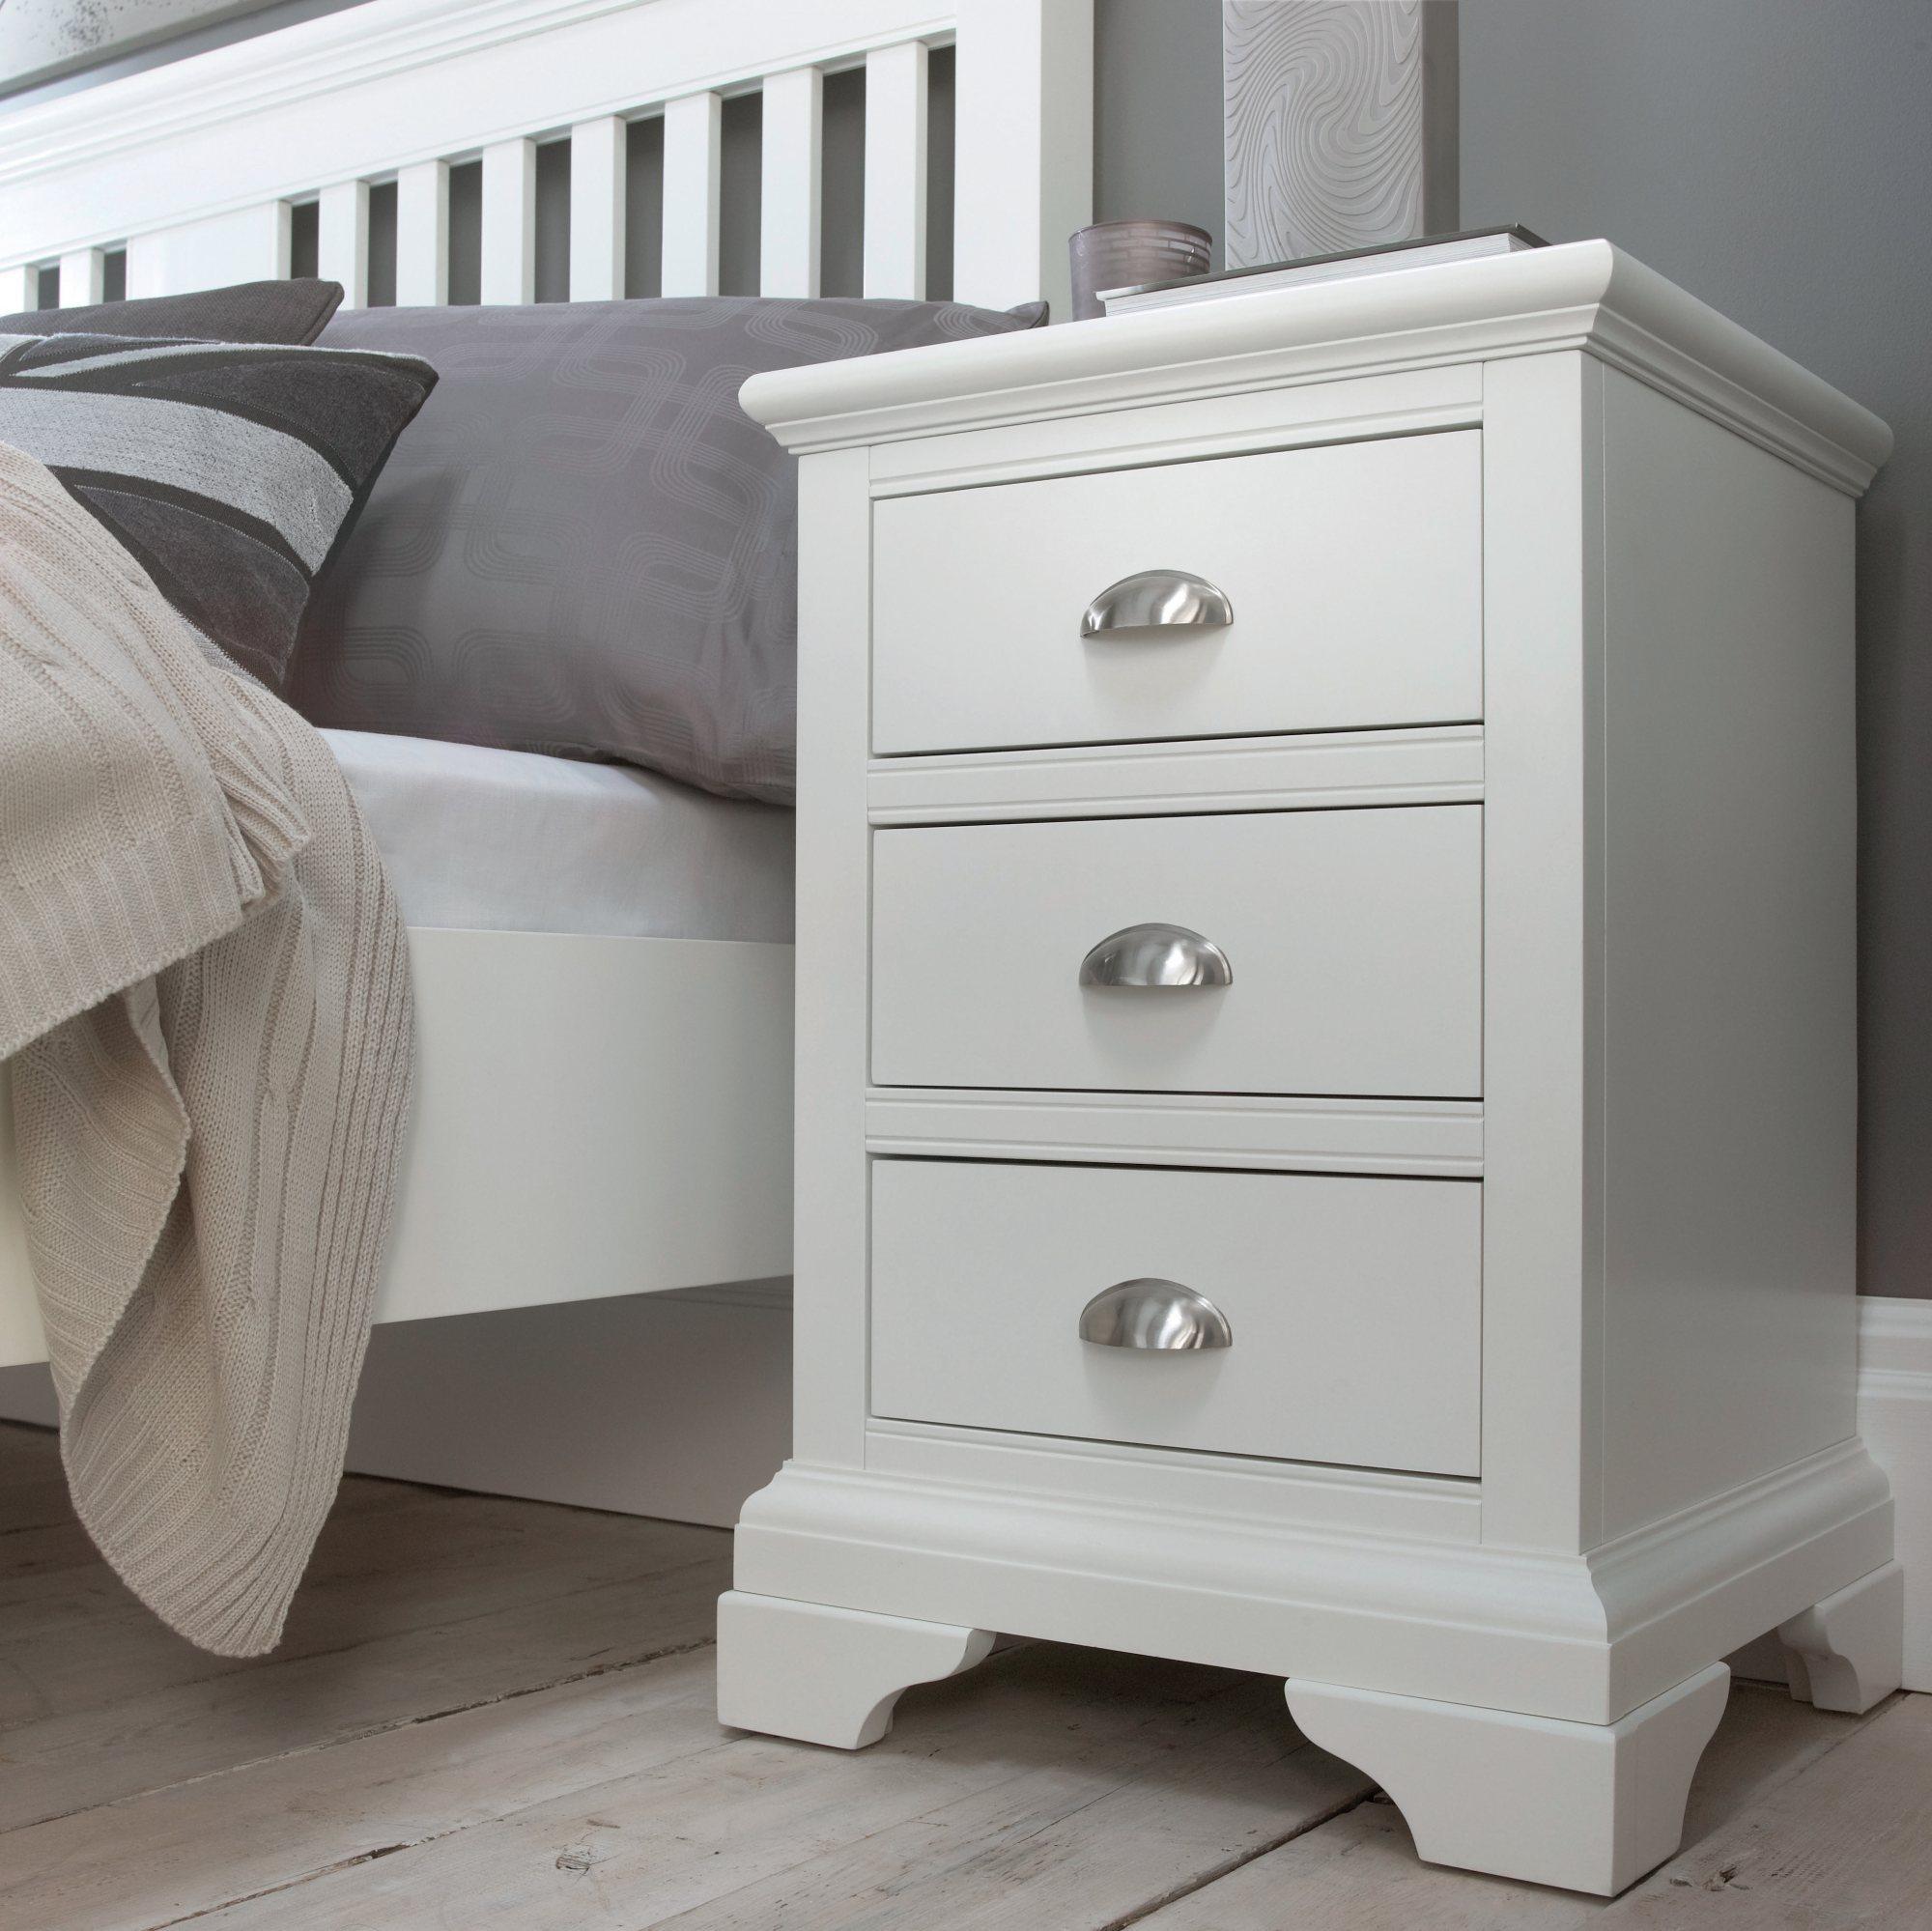 KYRA WHITE 3DR BEDSIDE - L46cm x D42cm x H67cm